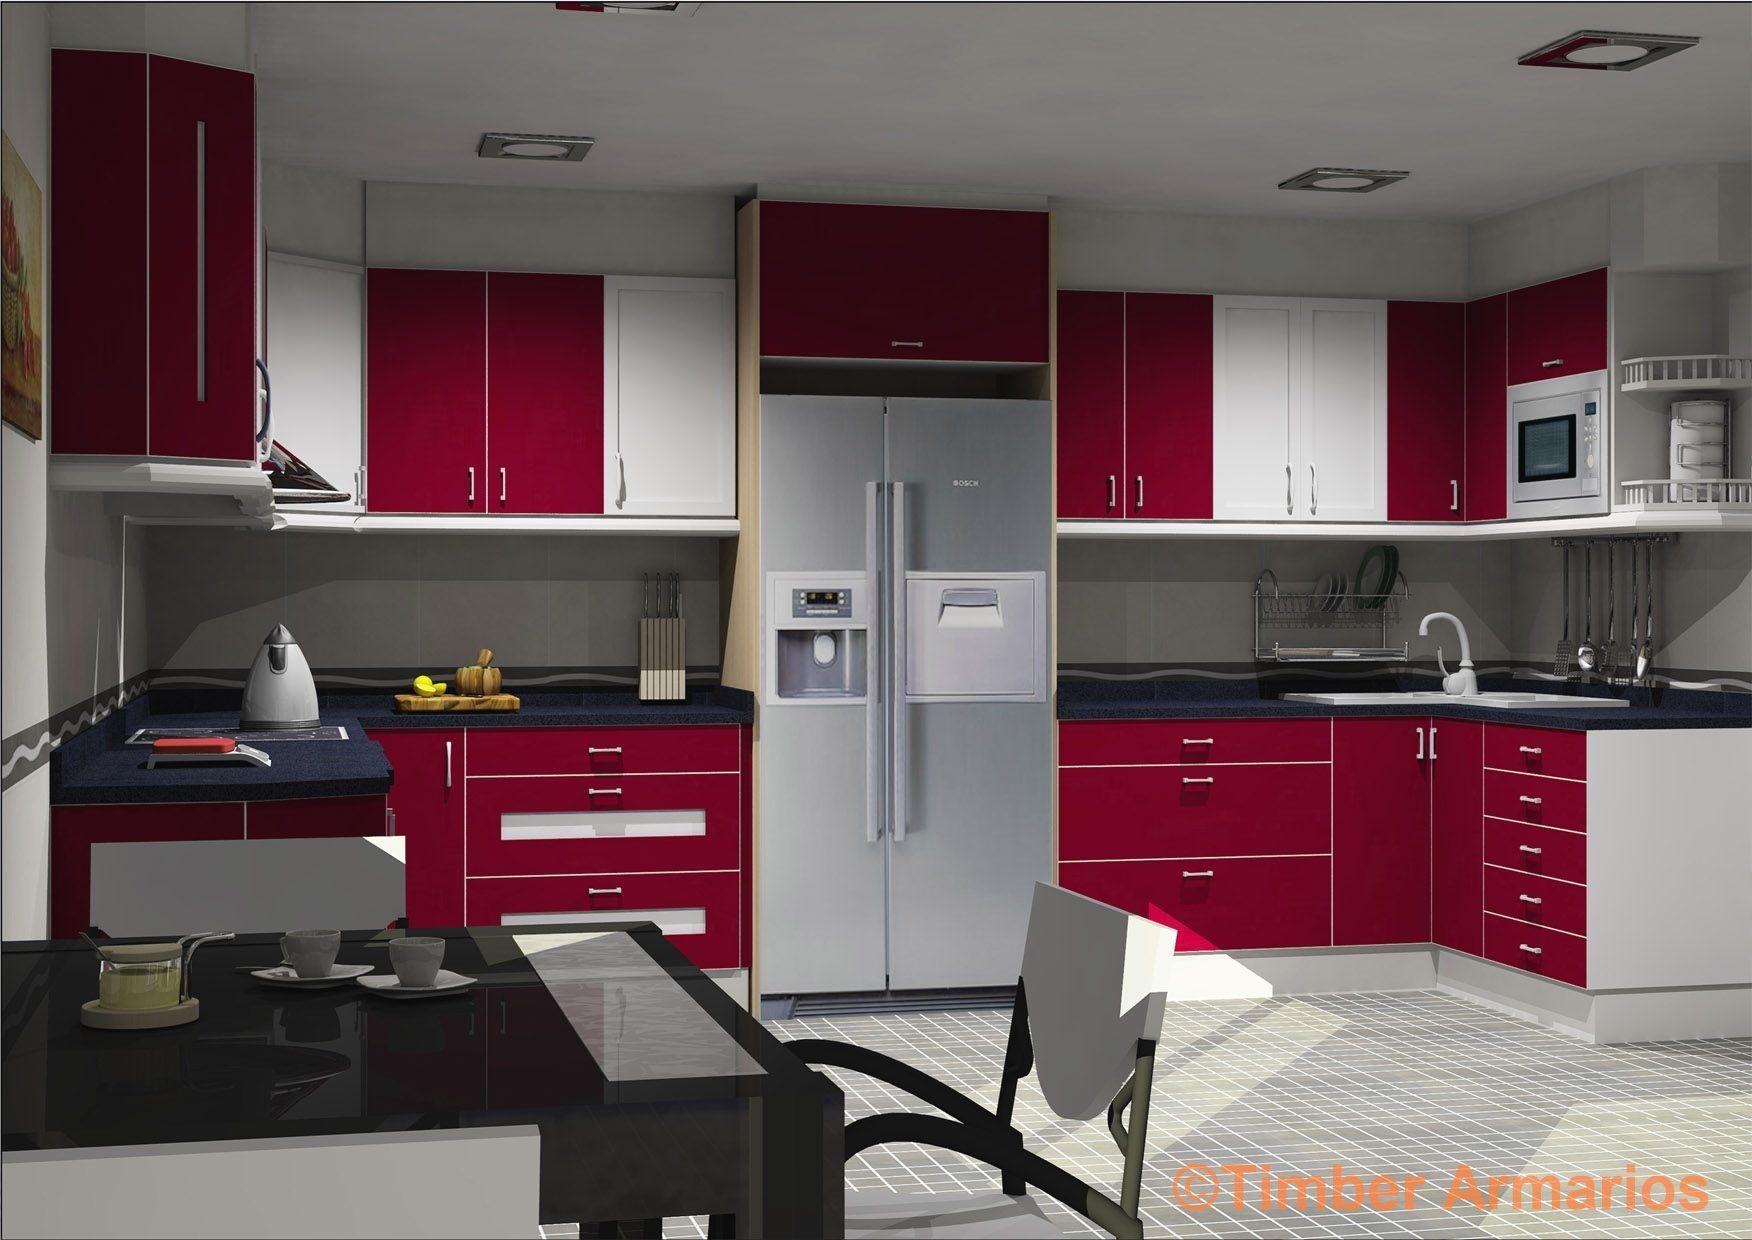 Cocinas en granada latest cocinas en granada superficies for Muebles de cocina en granada